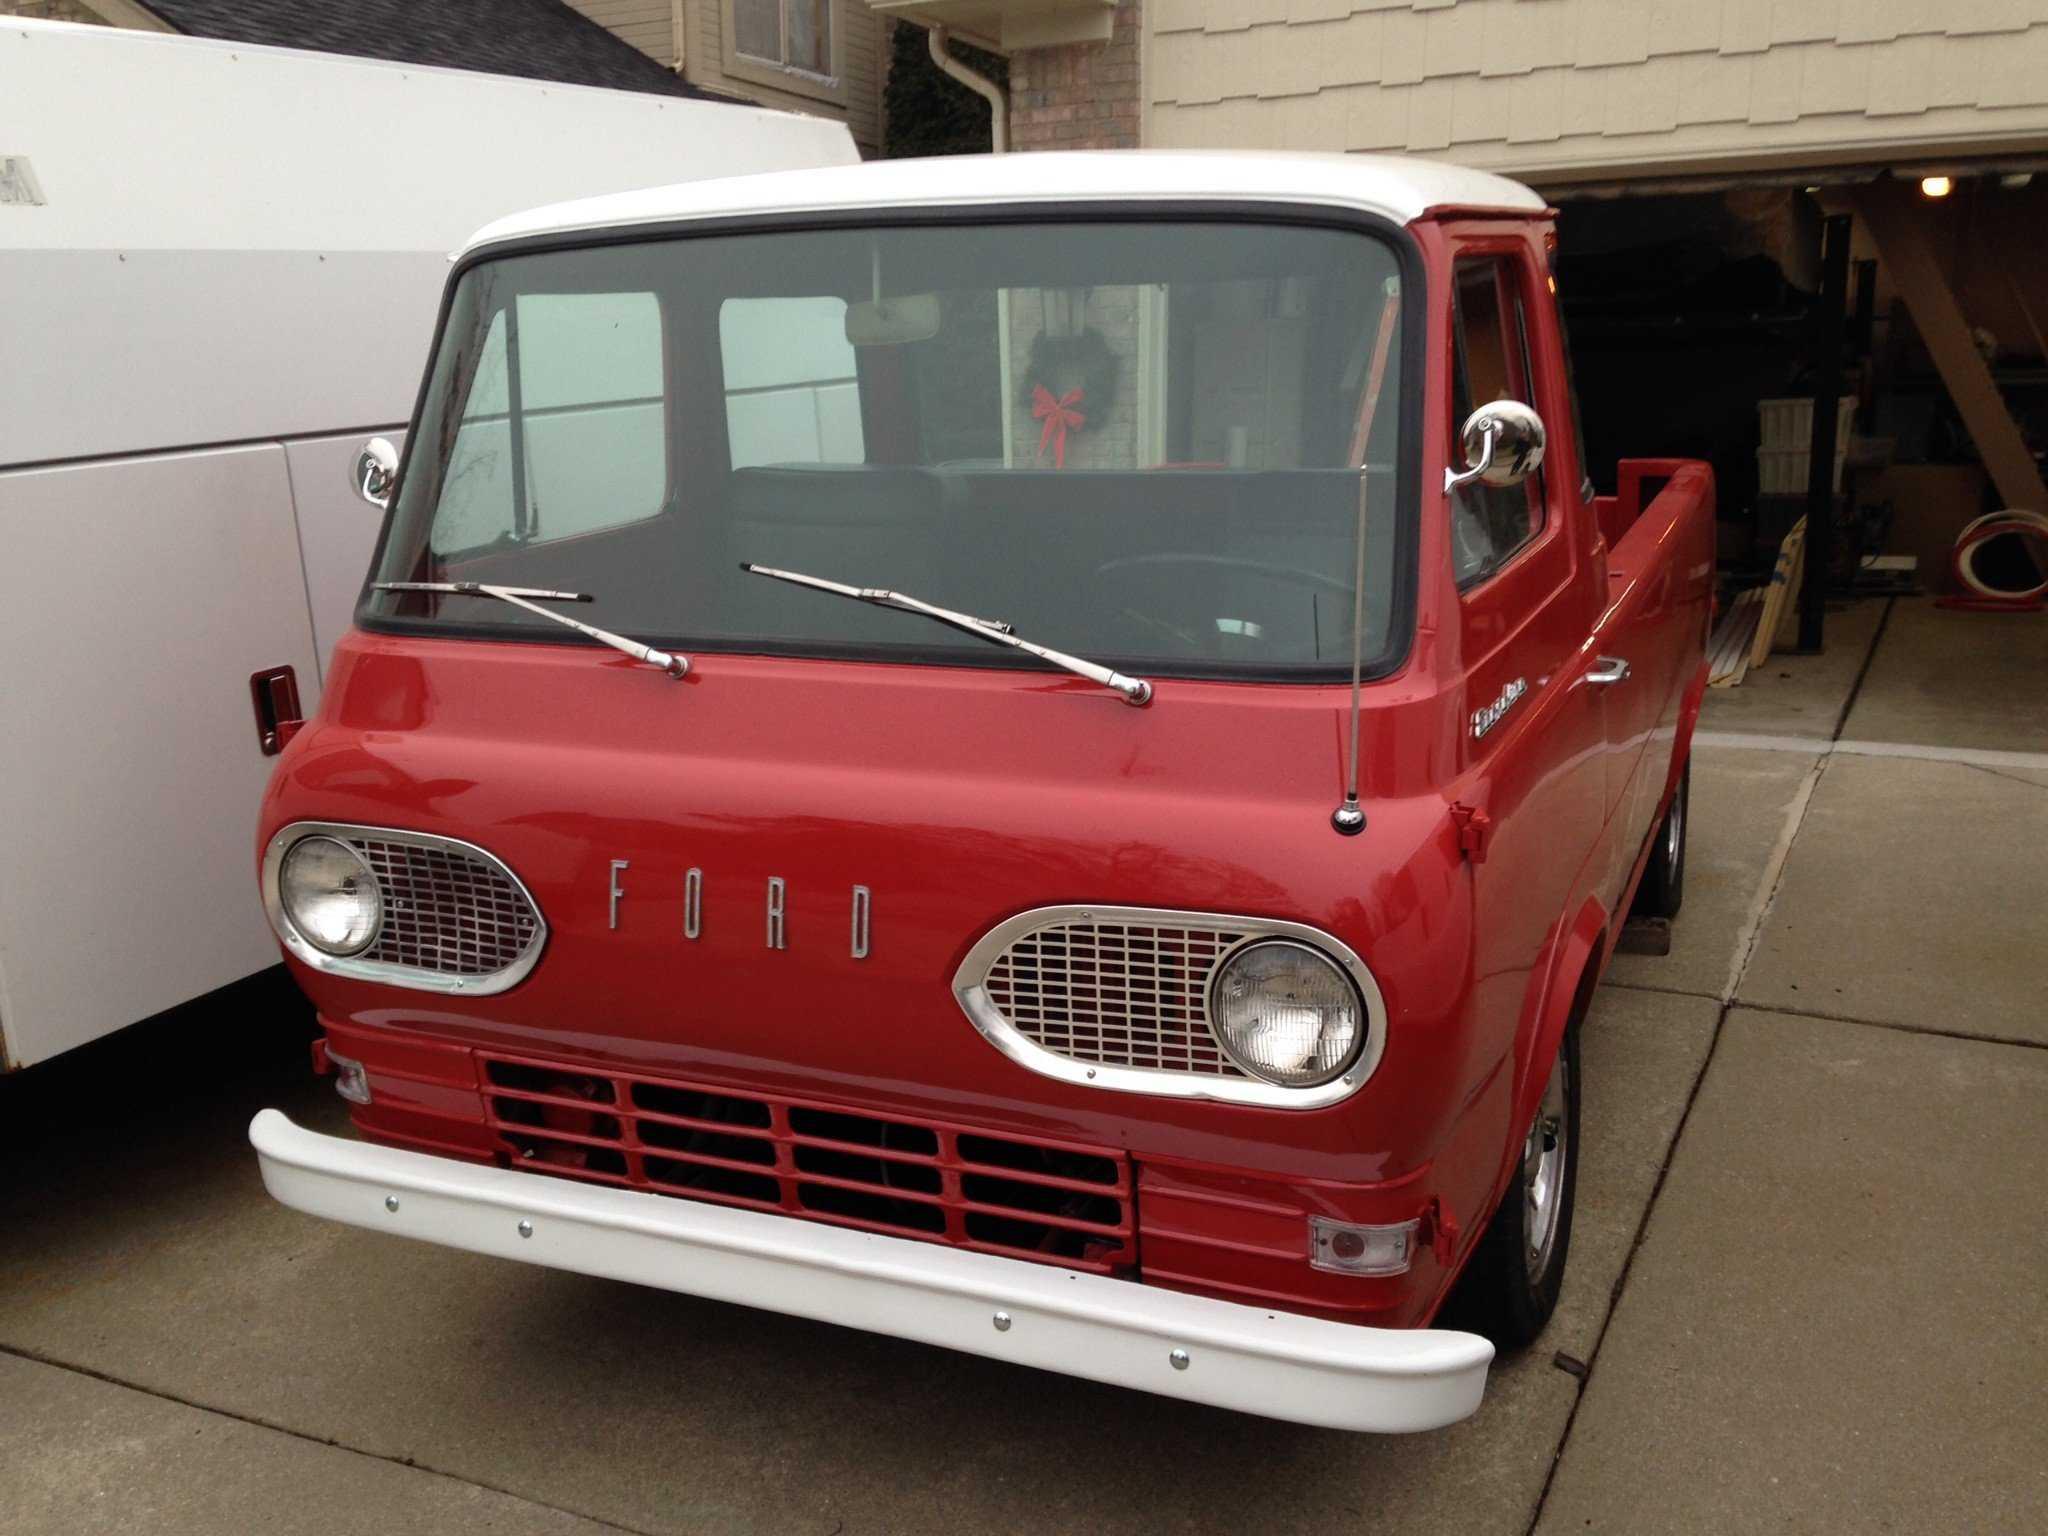 1961 Ford Econoline Pickup For Sale In Novi Mi E10sh133455 Truck